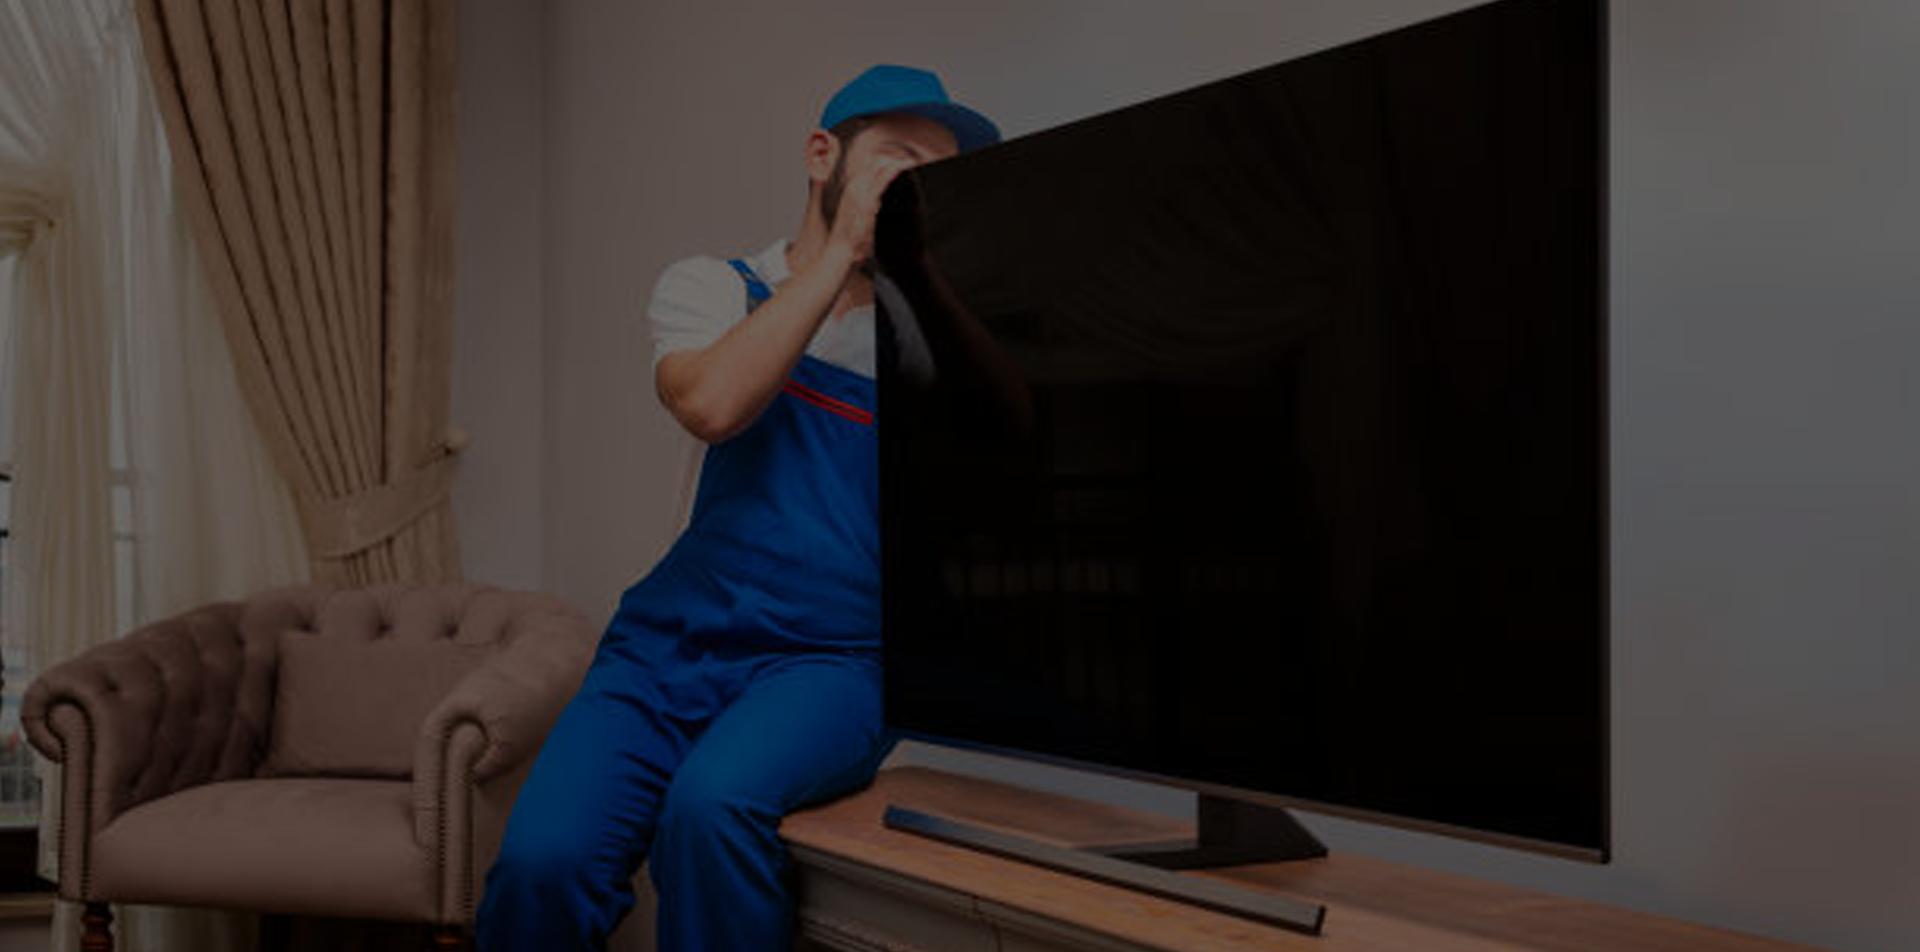 تعمیر تلویزیون سامسونگ ال سی دی در محل